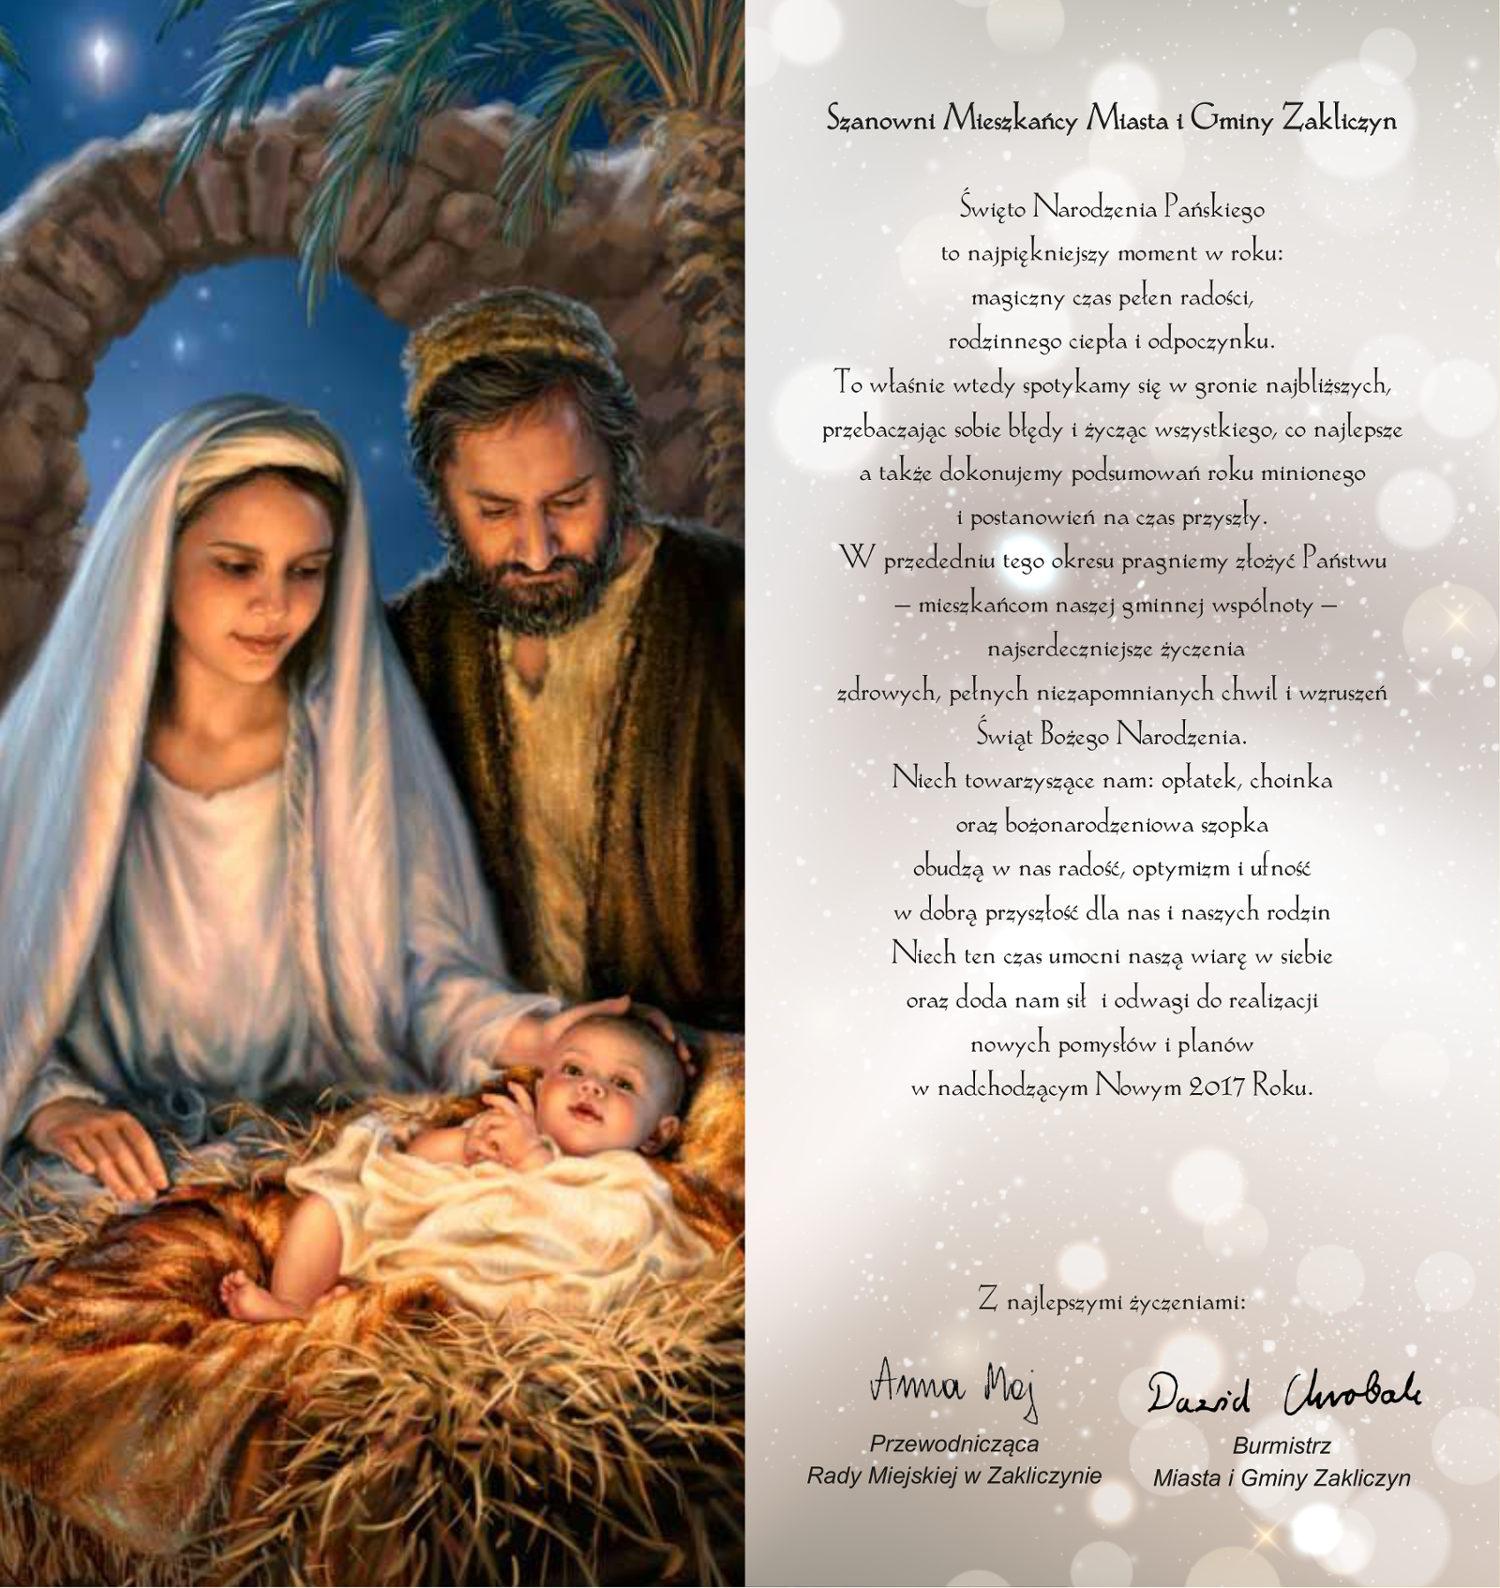 Boże Narodzenie 2016, życzenia świąteczne